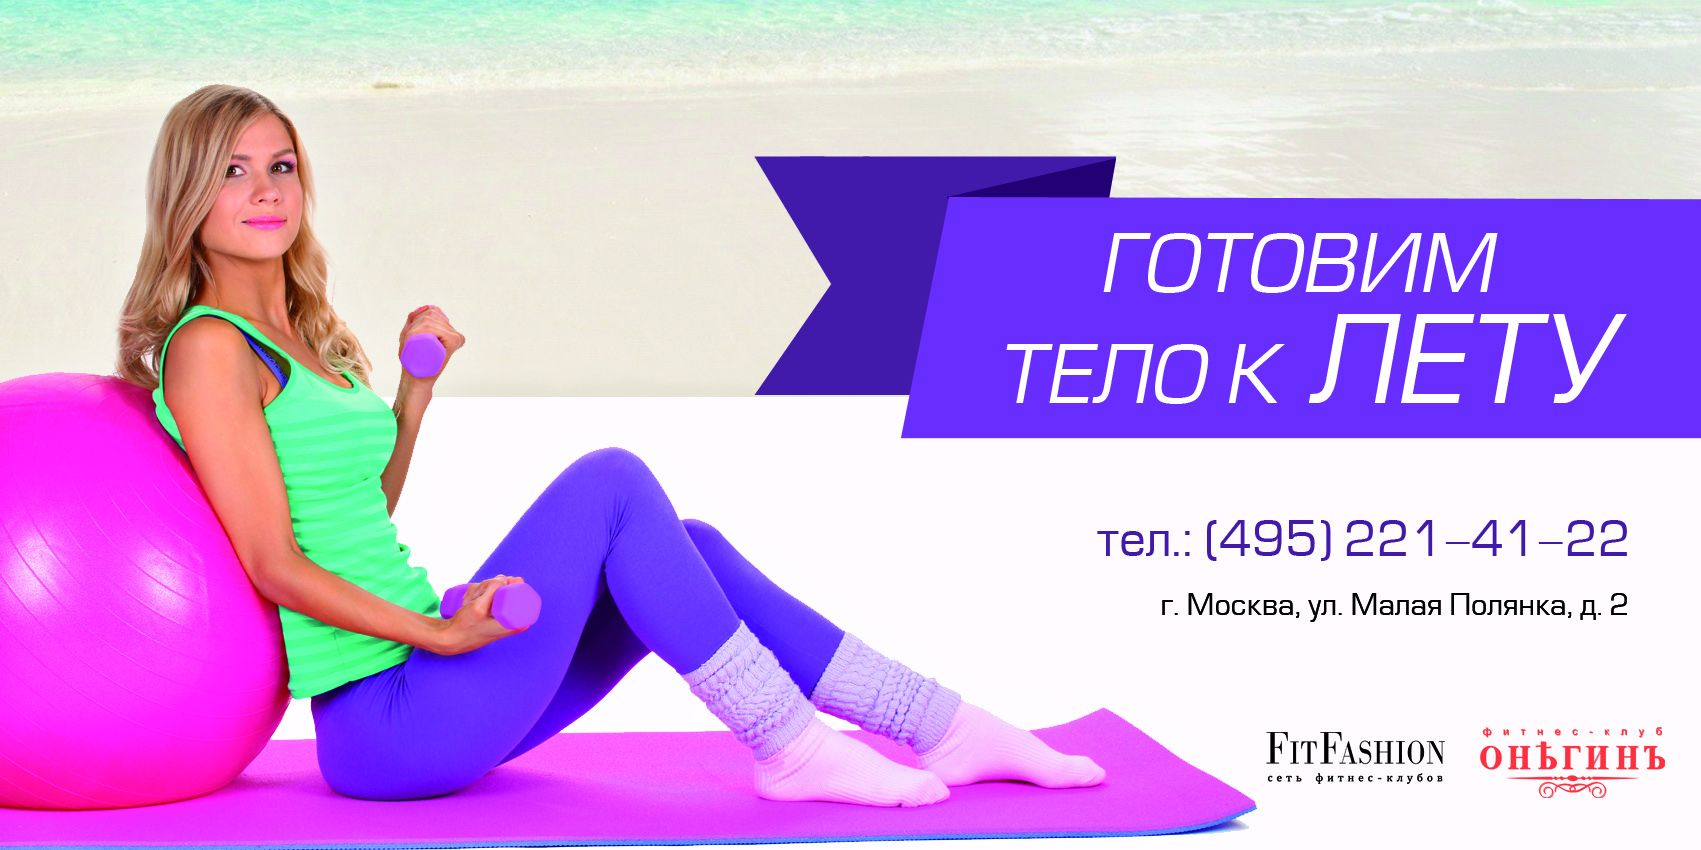 Дизайн наружной рекламы фитнес-клуба - дизайнер Green